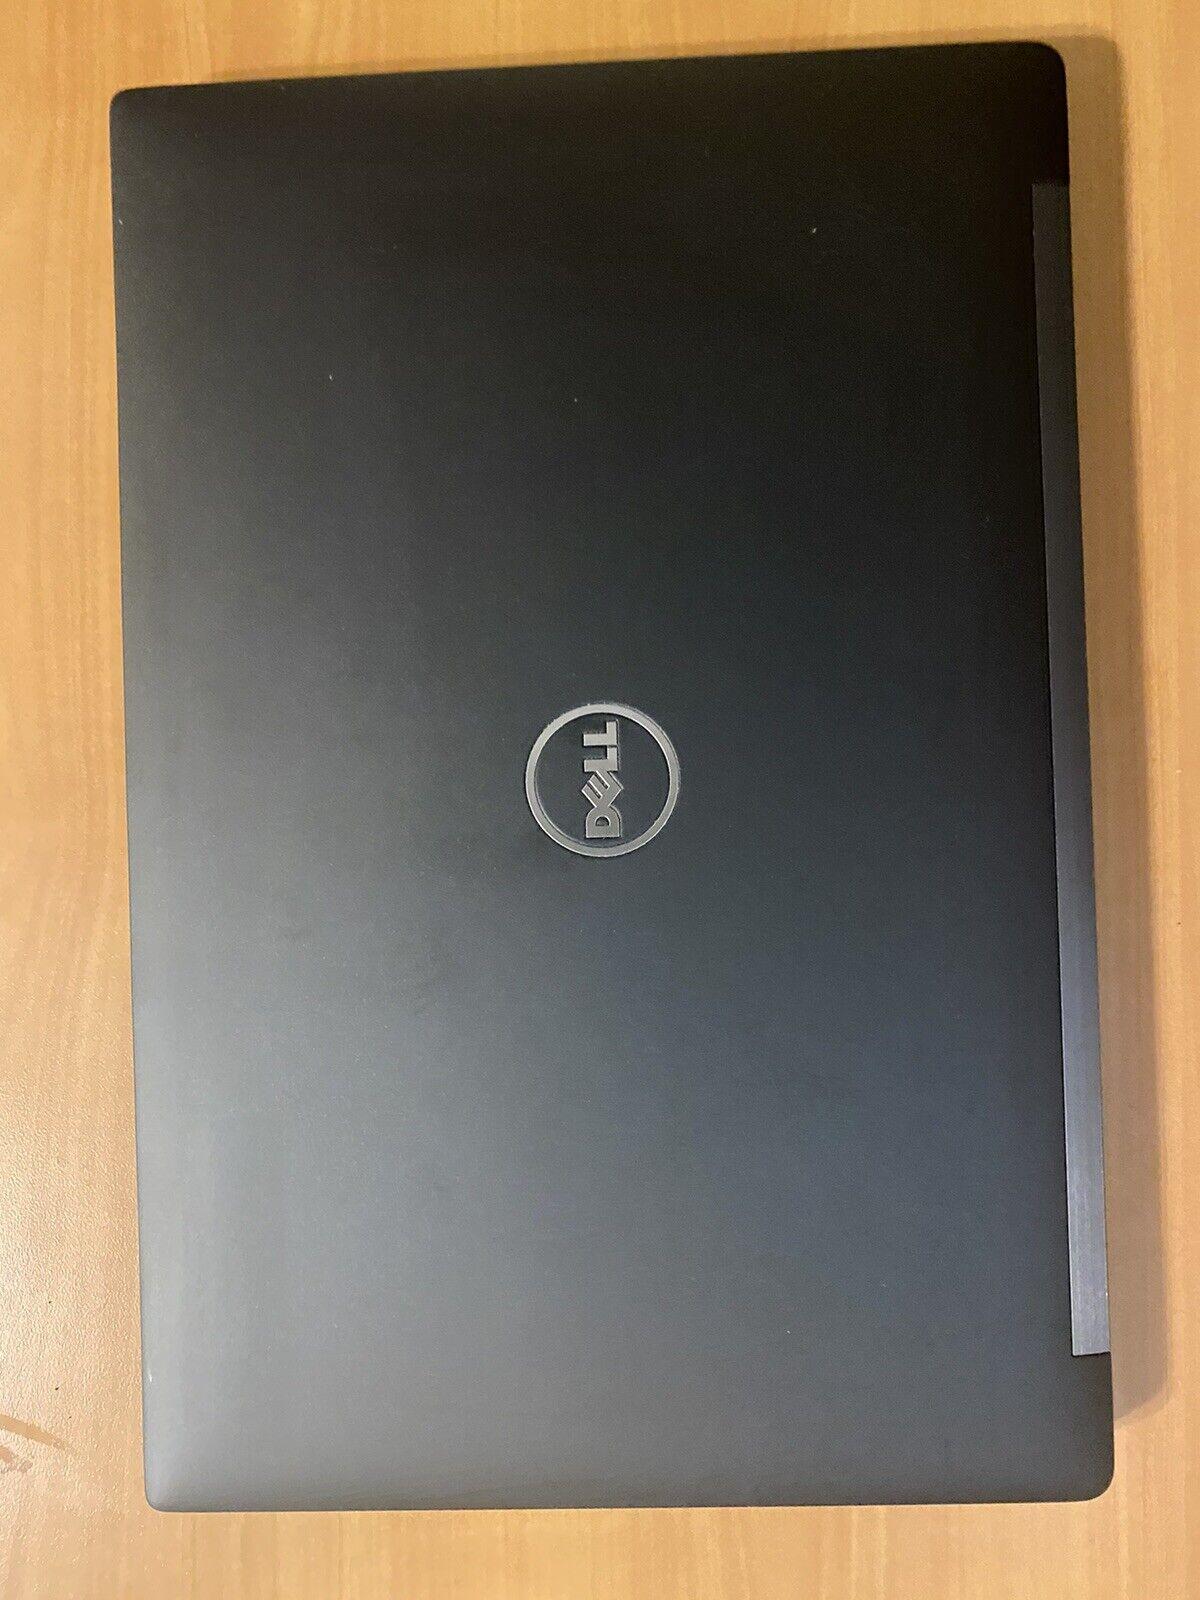 Dell Latitude 7480 (128GB SSD, Core i5 7th Gen, 2.60 GHz, 16GB RAM Win 10 Pro